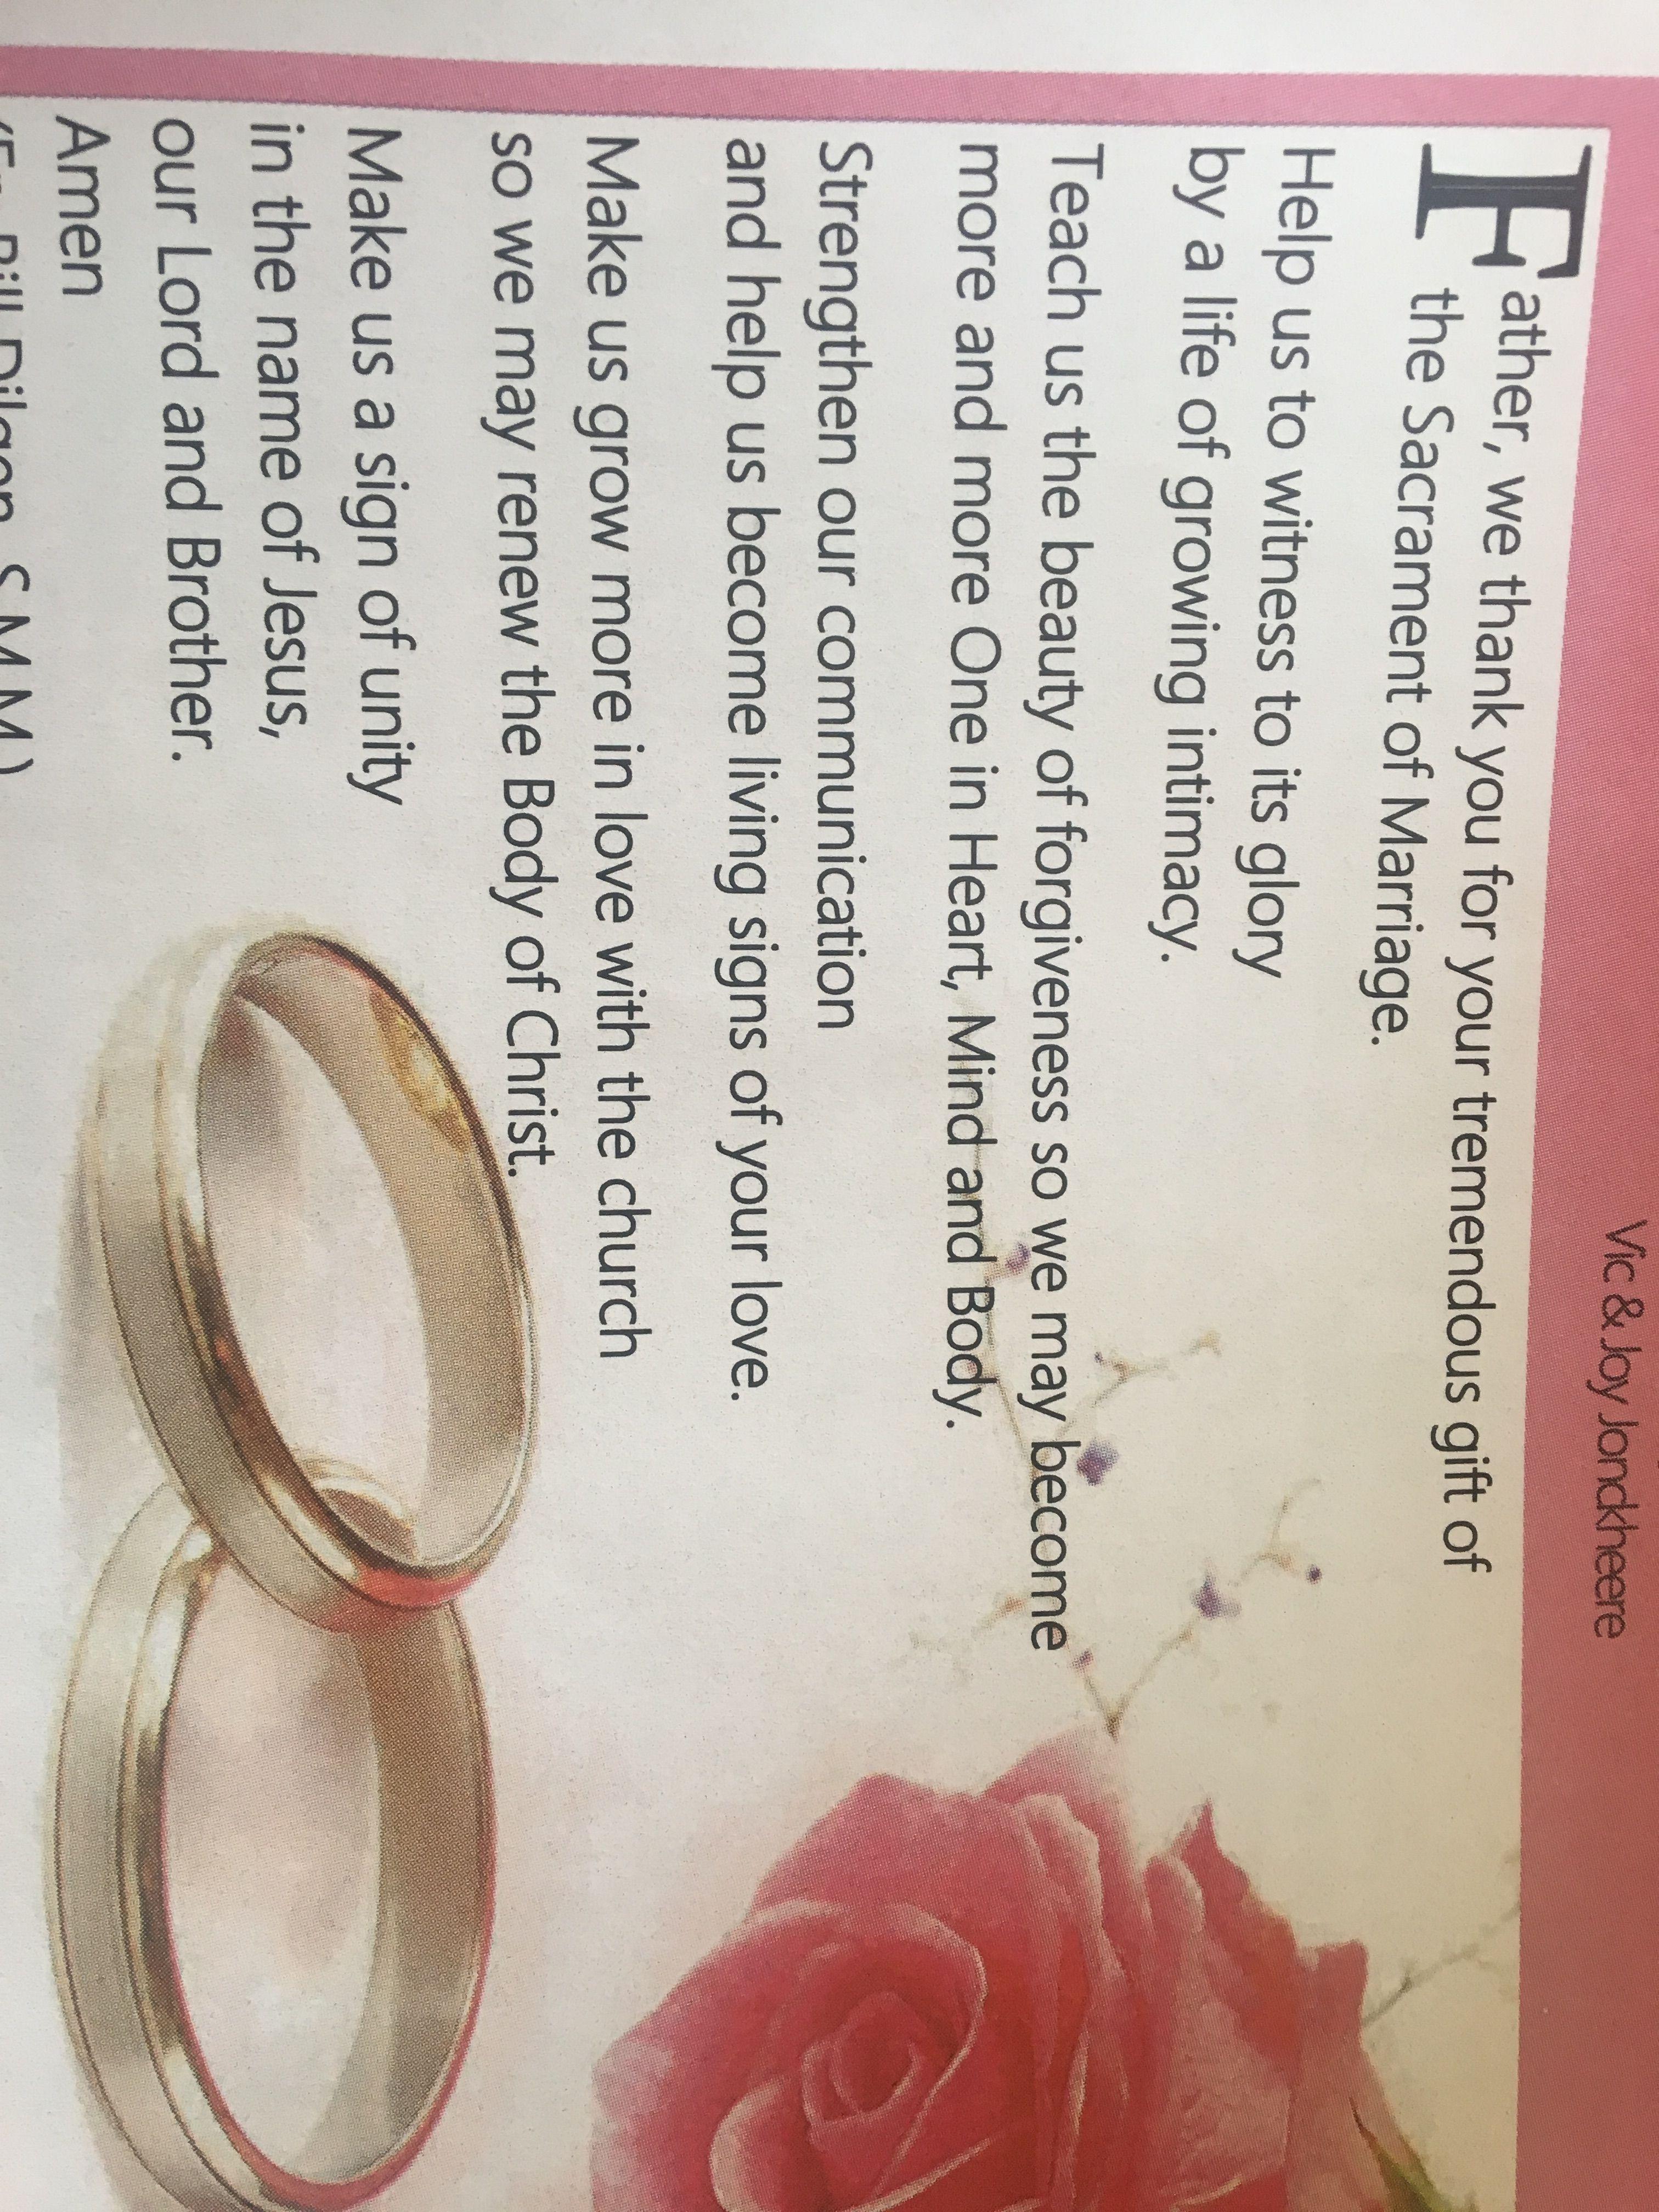 Pin by mary wojtys on Catholic Engagement rings, Wedding